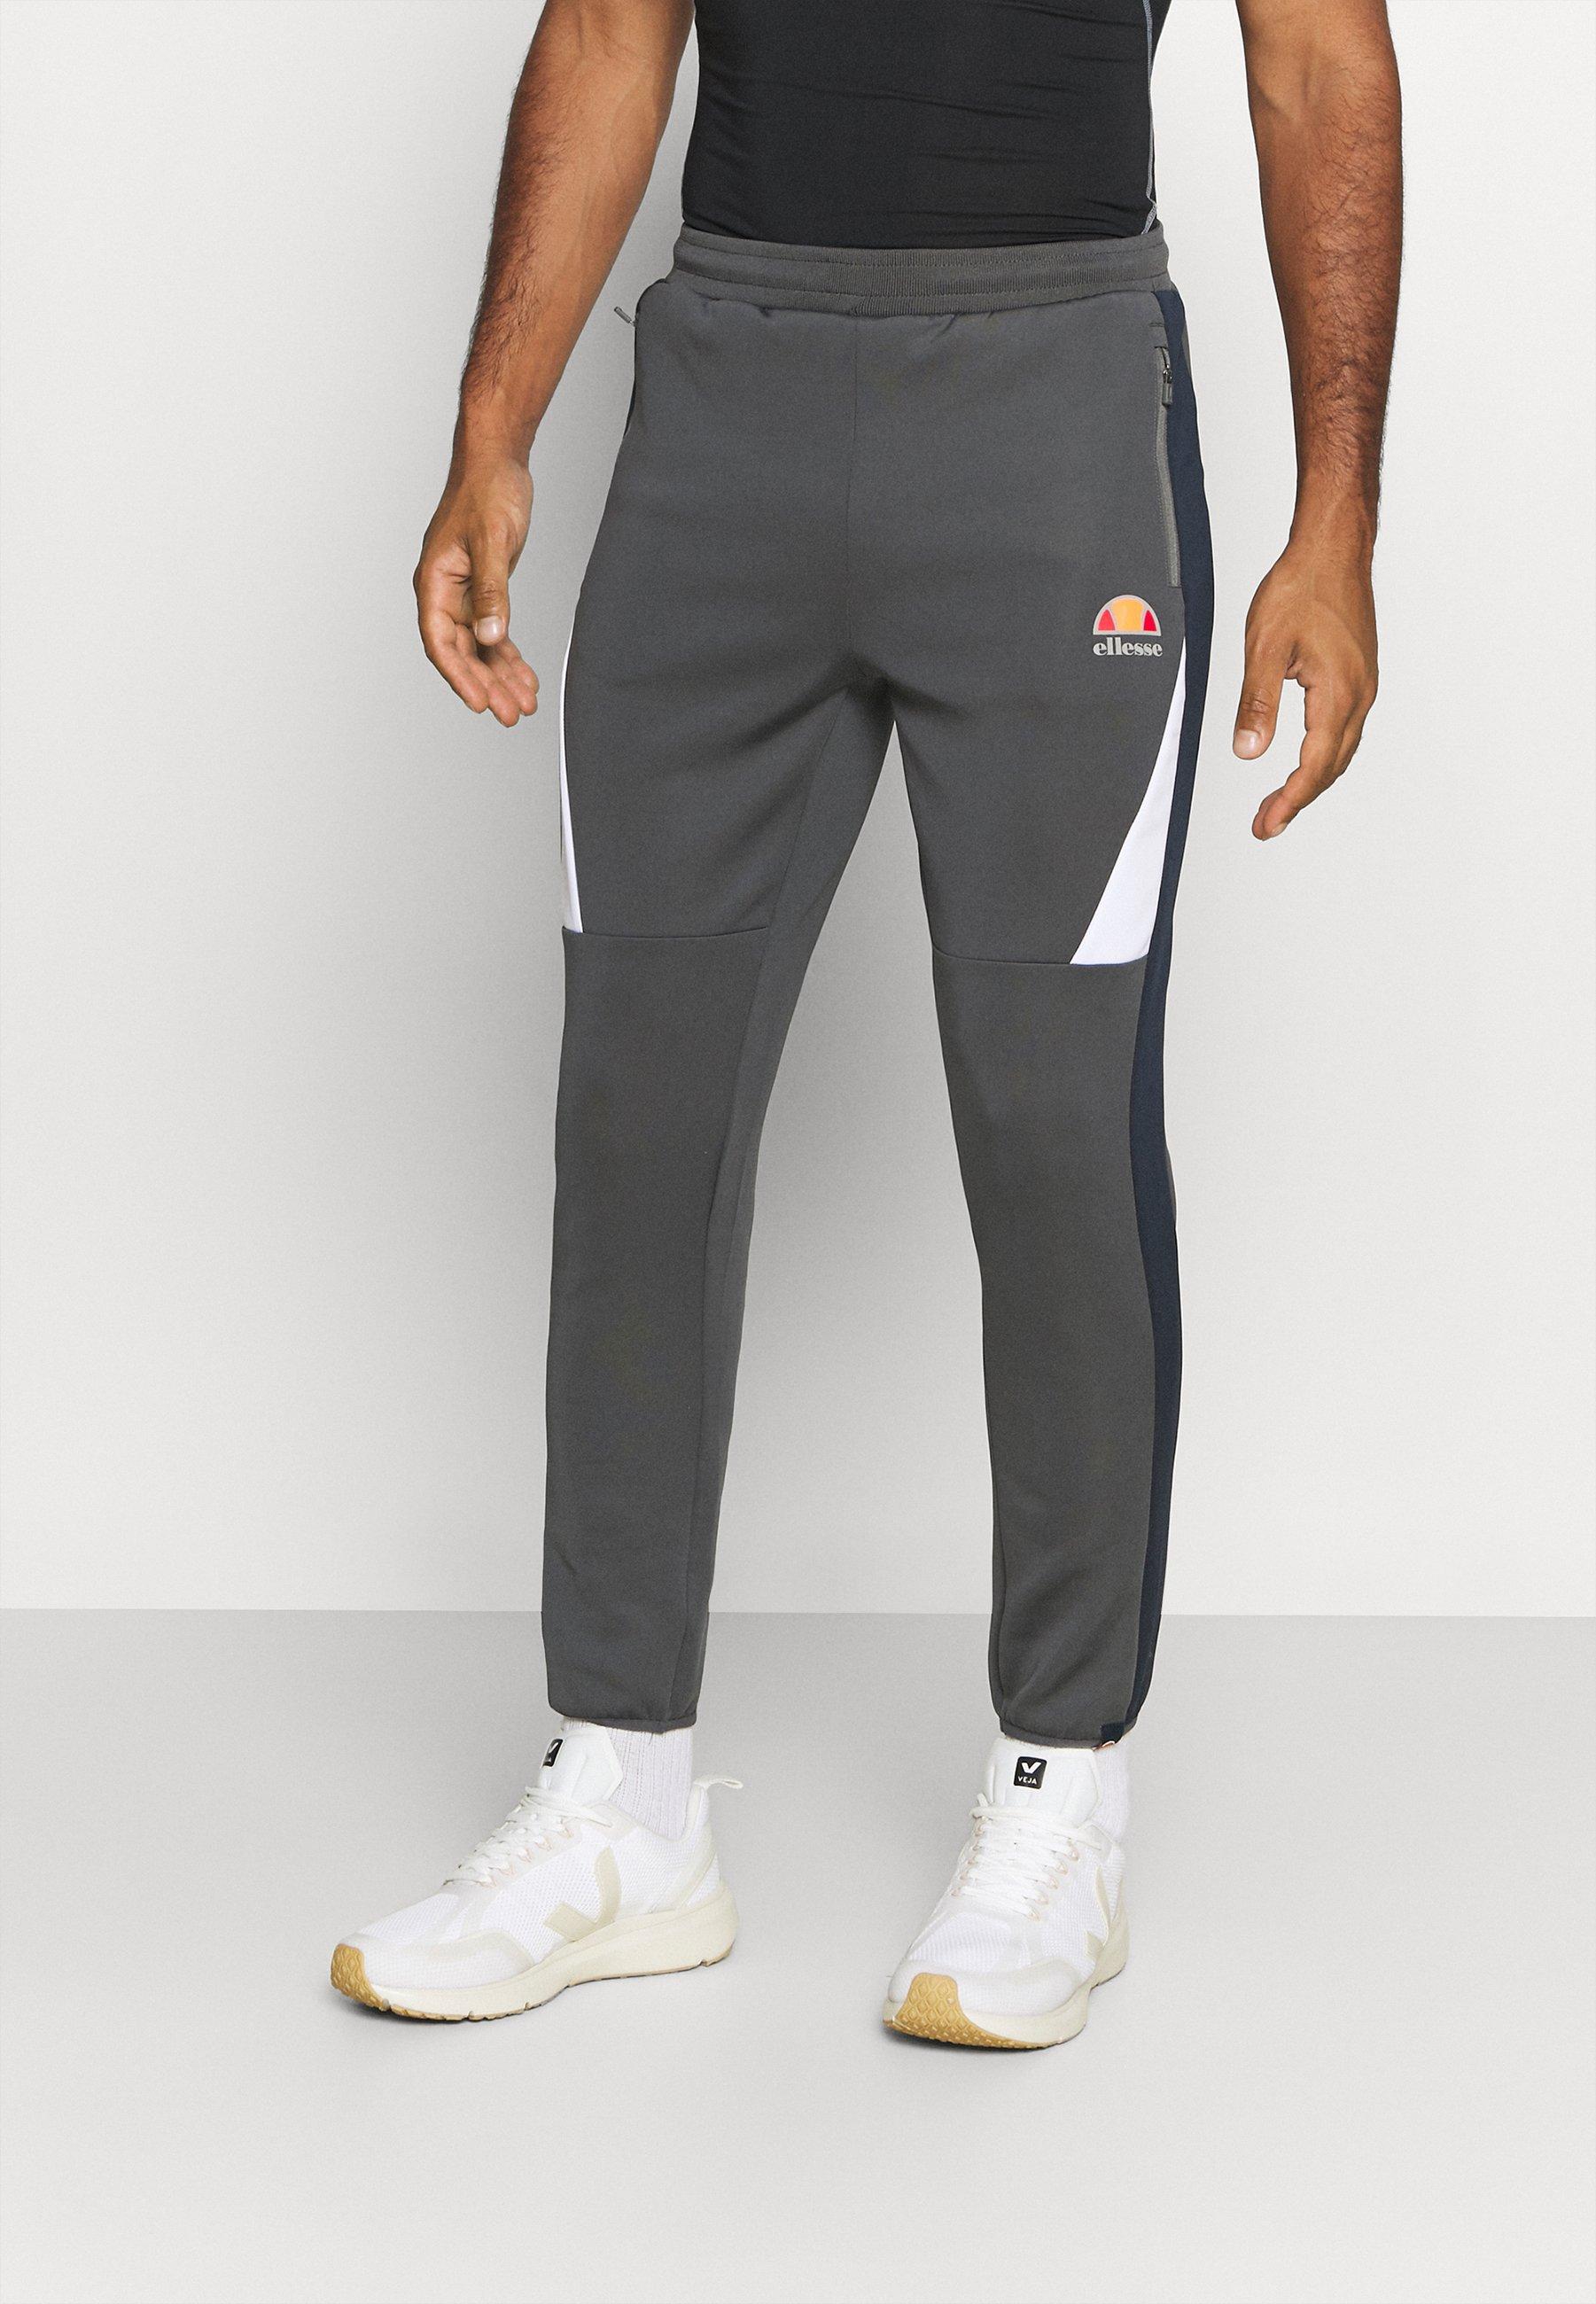 Homme BAUMONT PANT - Pantalon de survêtement